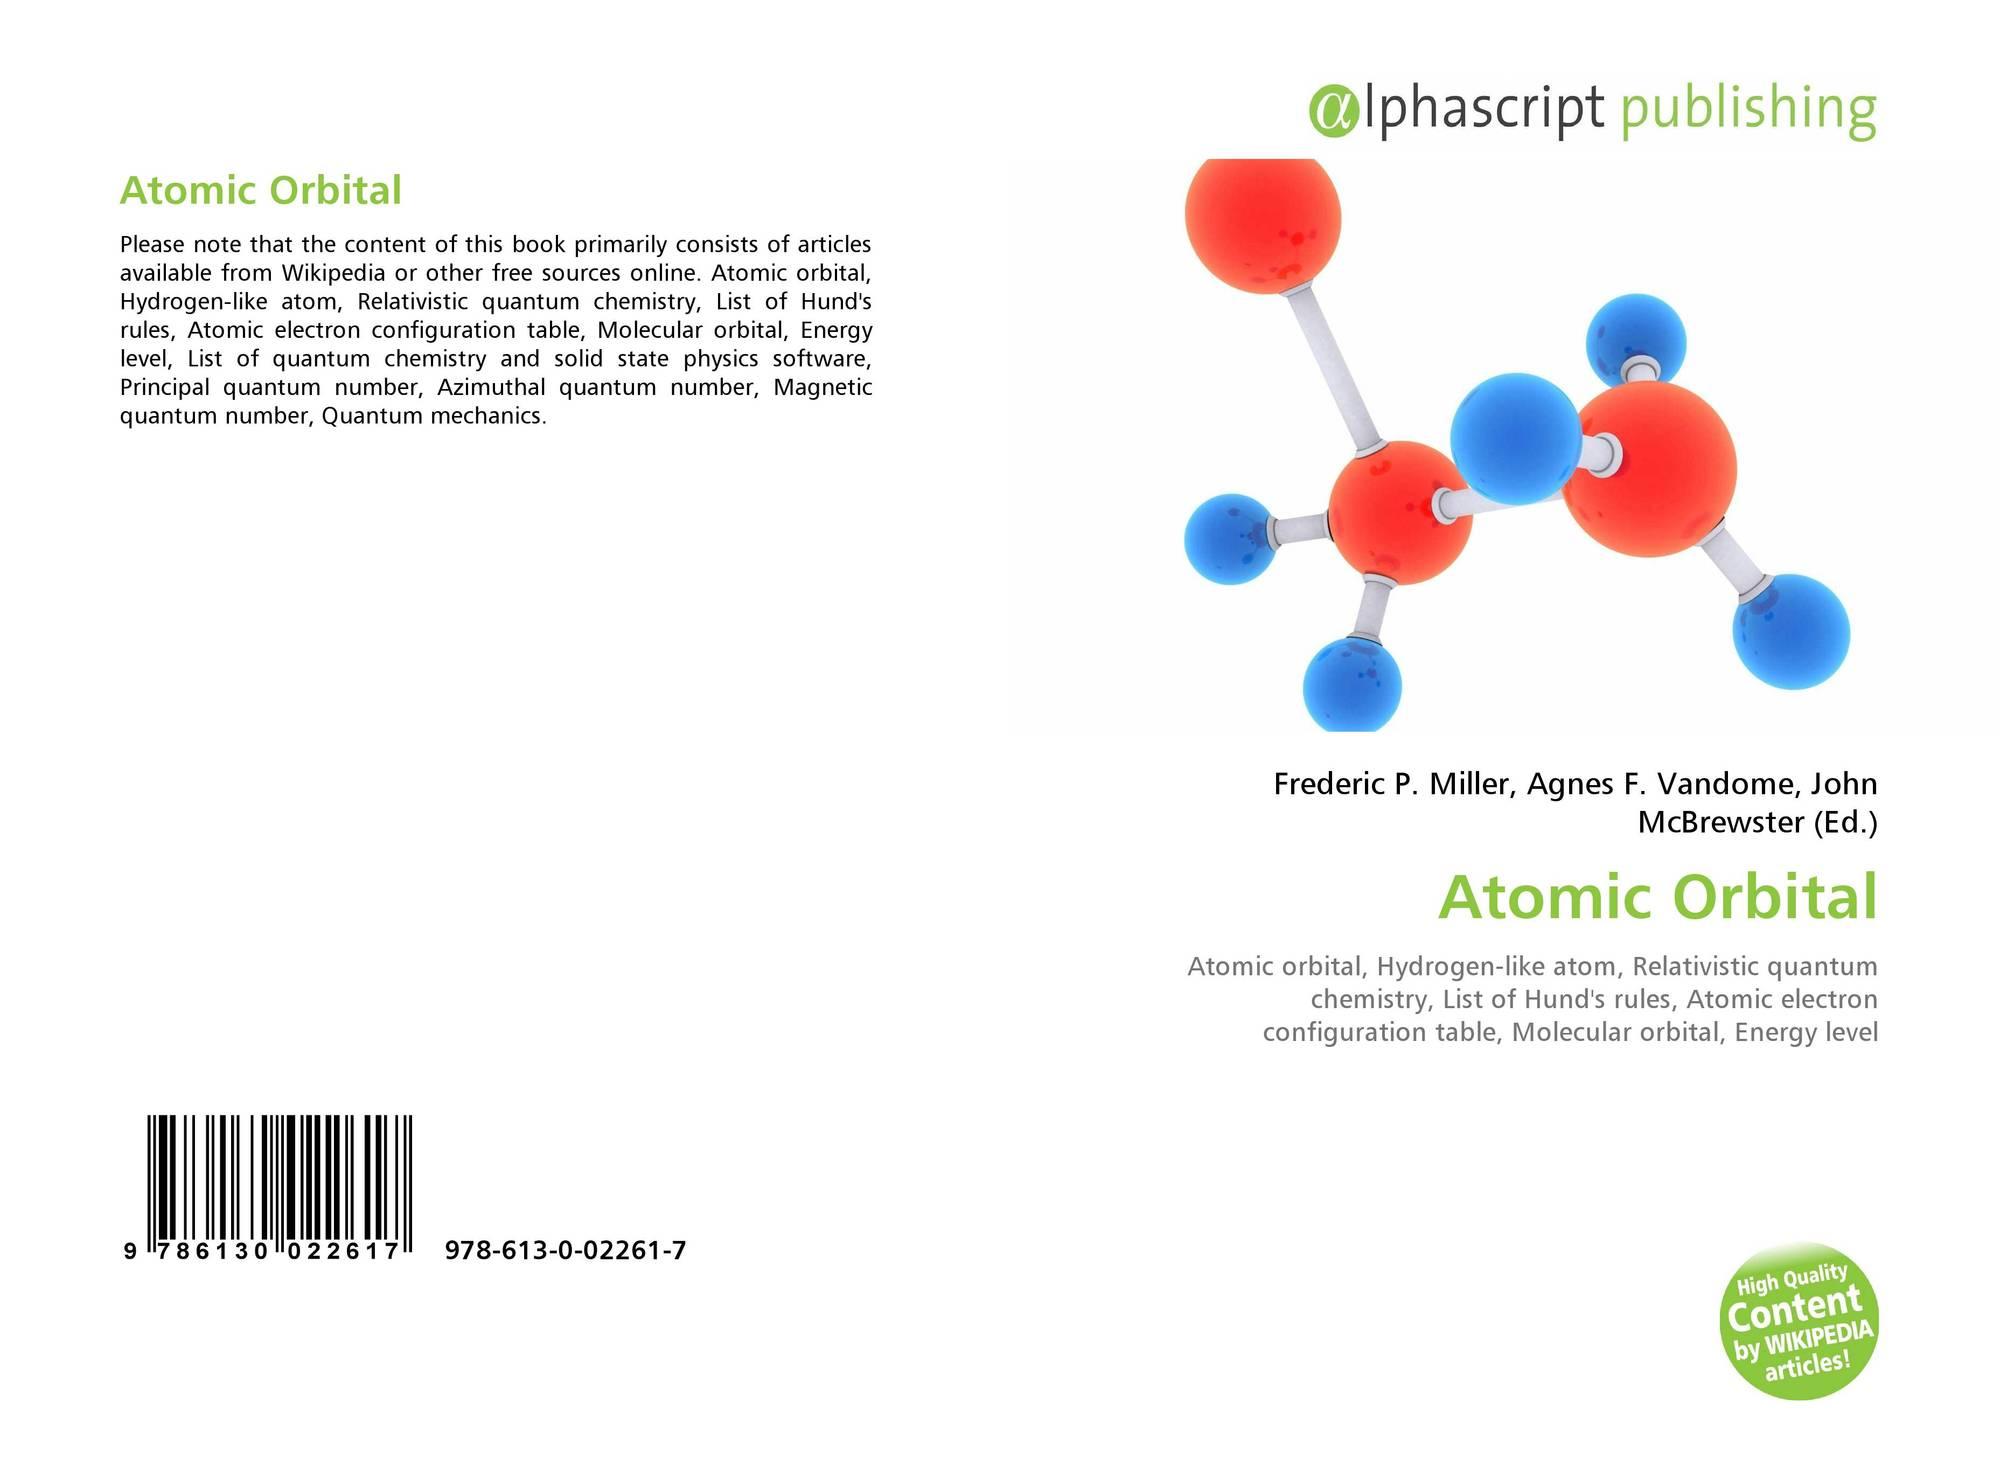 Atomiorbitaali